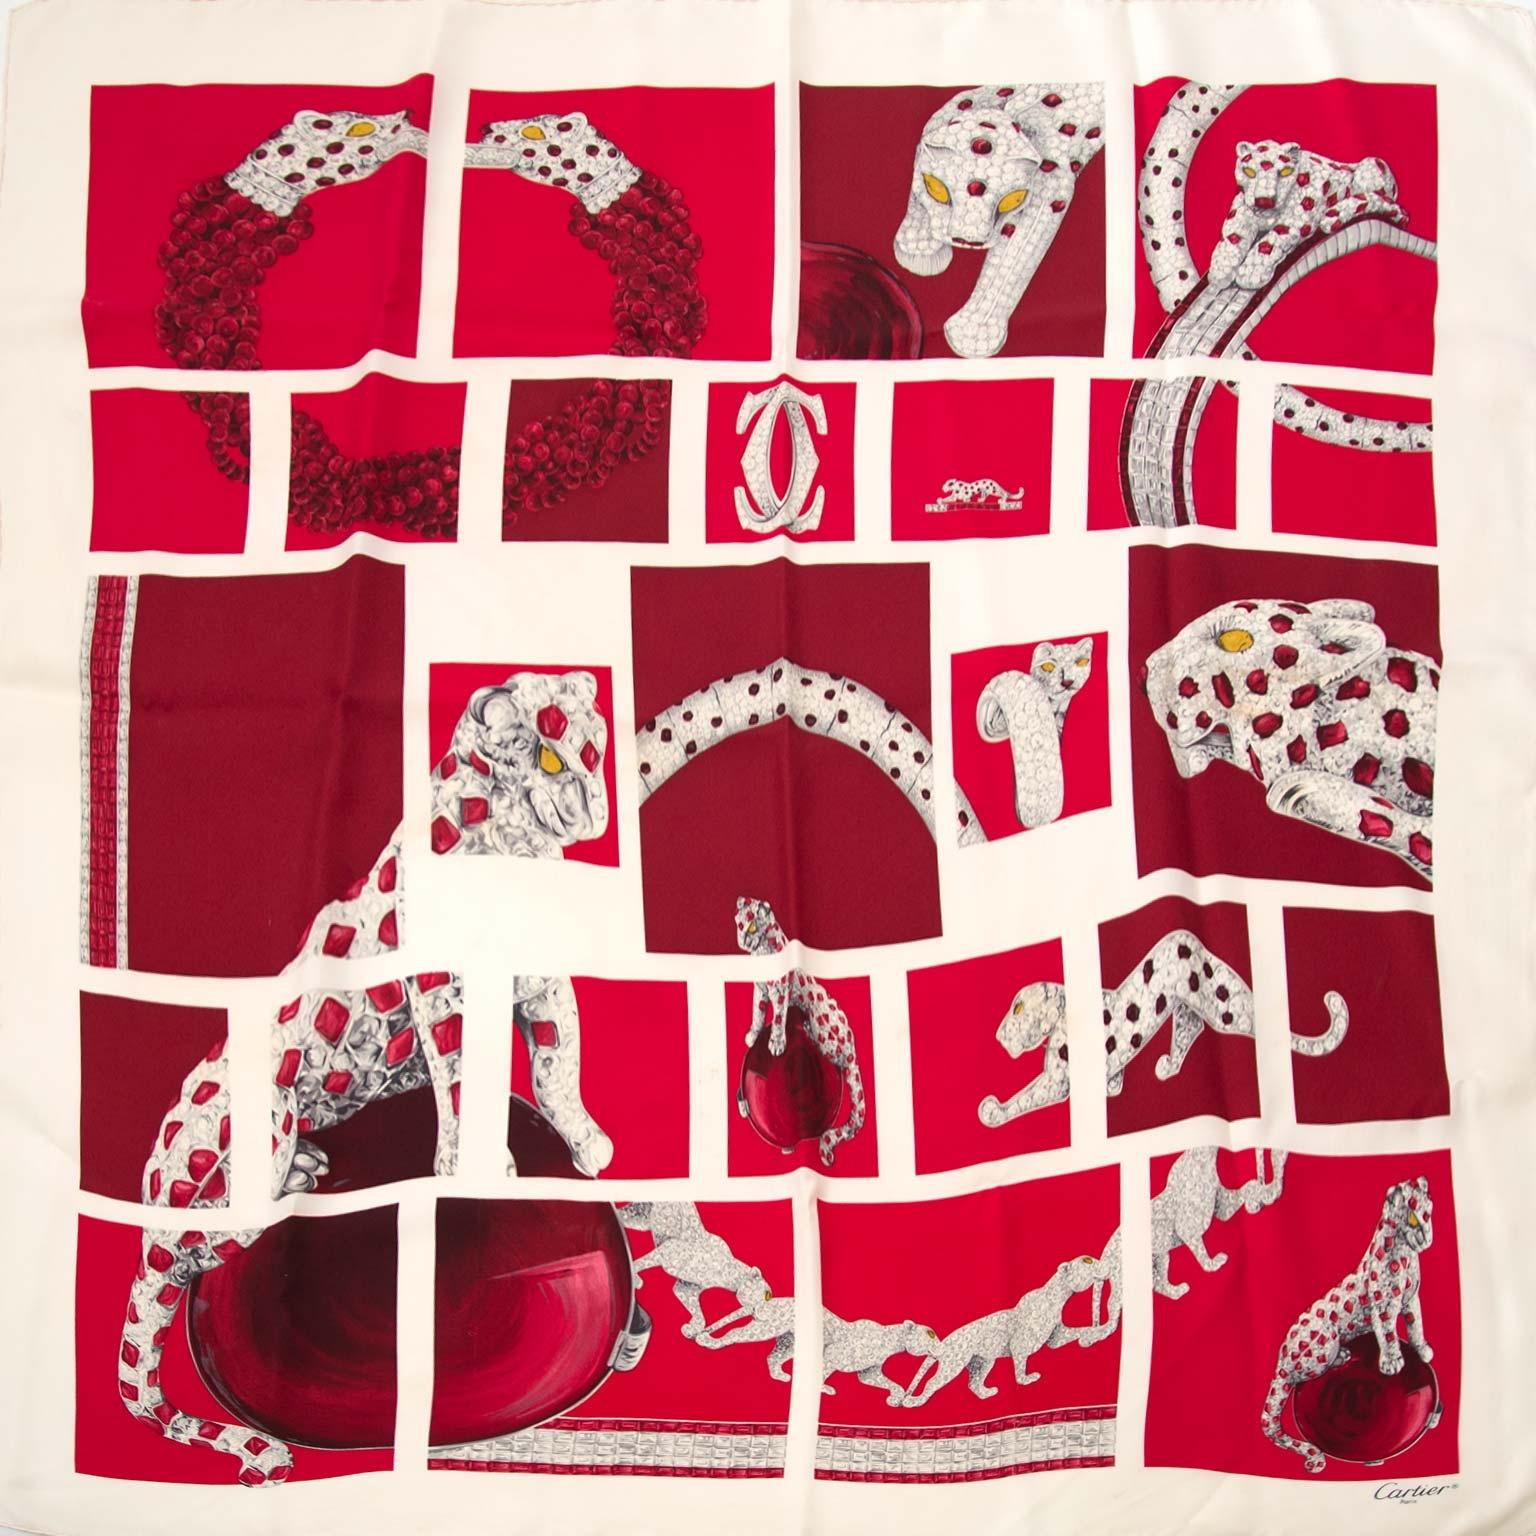 Buy an authentic secondhand Cartier scarf at Labellov. Safe online shopping. Koop een authentiek tweedehands cartier sjaaltje bij Labellov. Veilig online shoppen. Achetez une authentic écharpe de Cartier chez Labellov. Achats en ligne en toute securité.